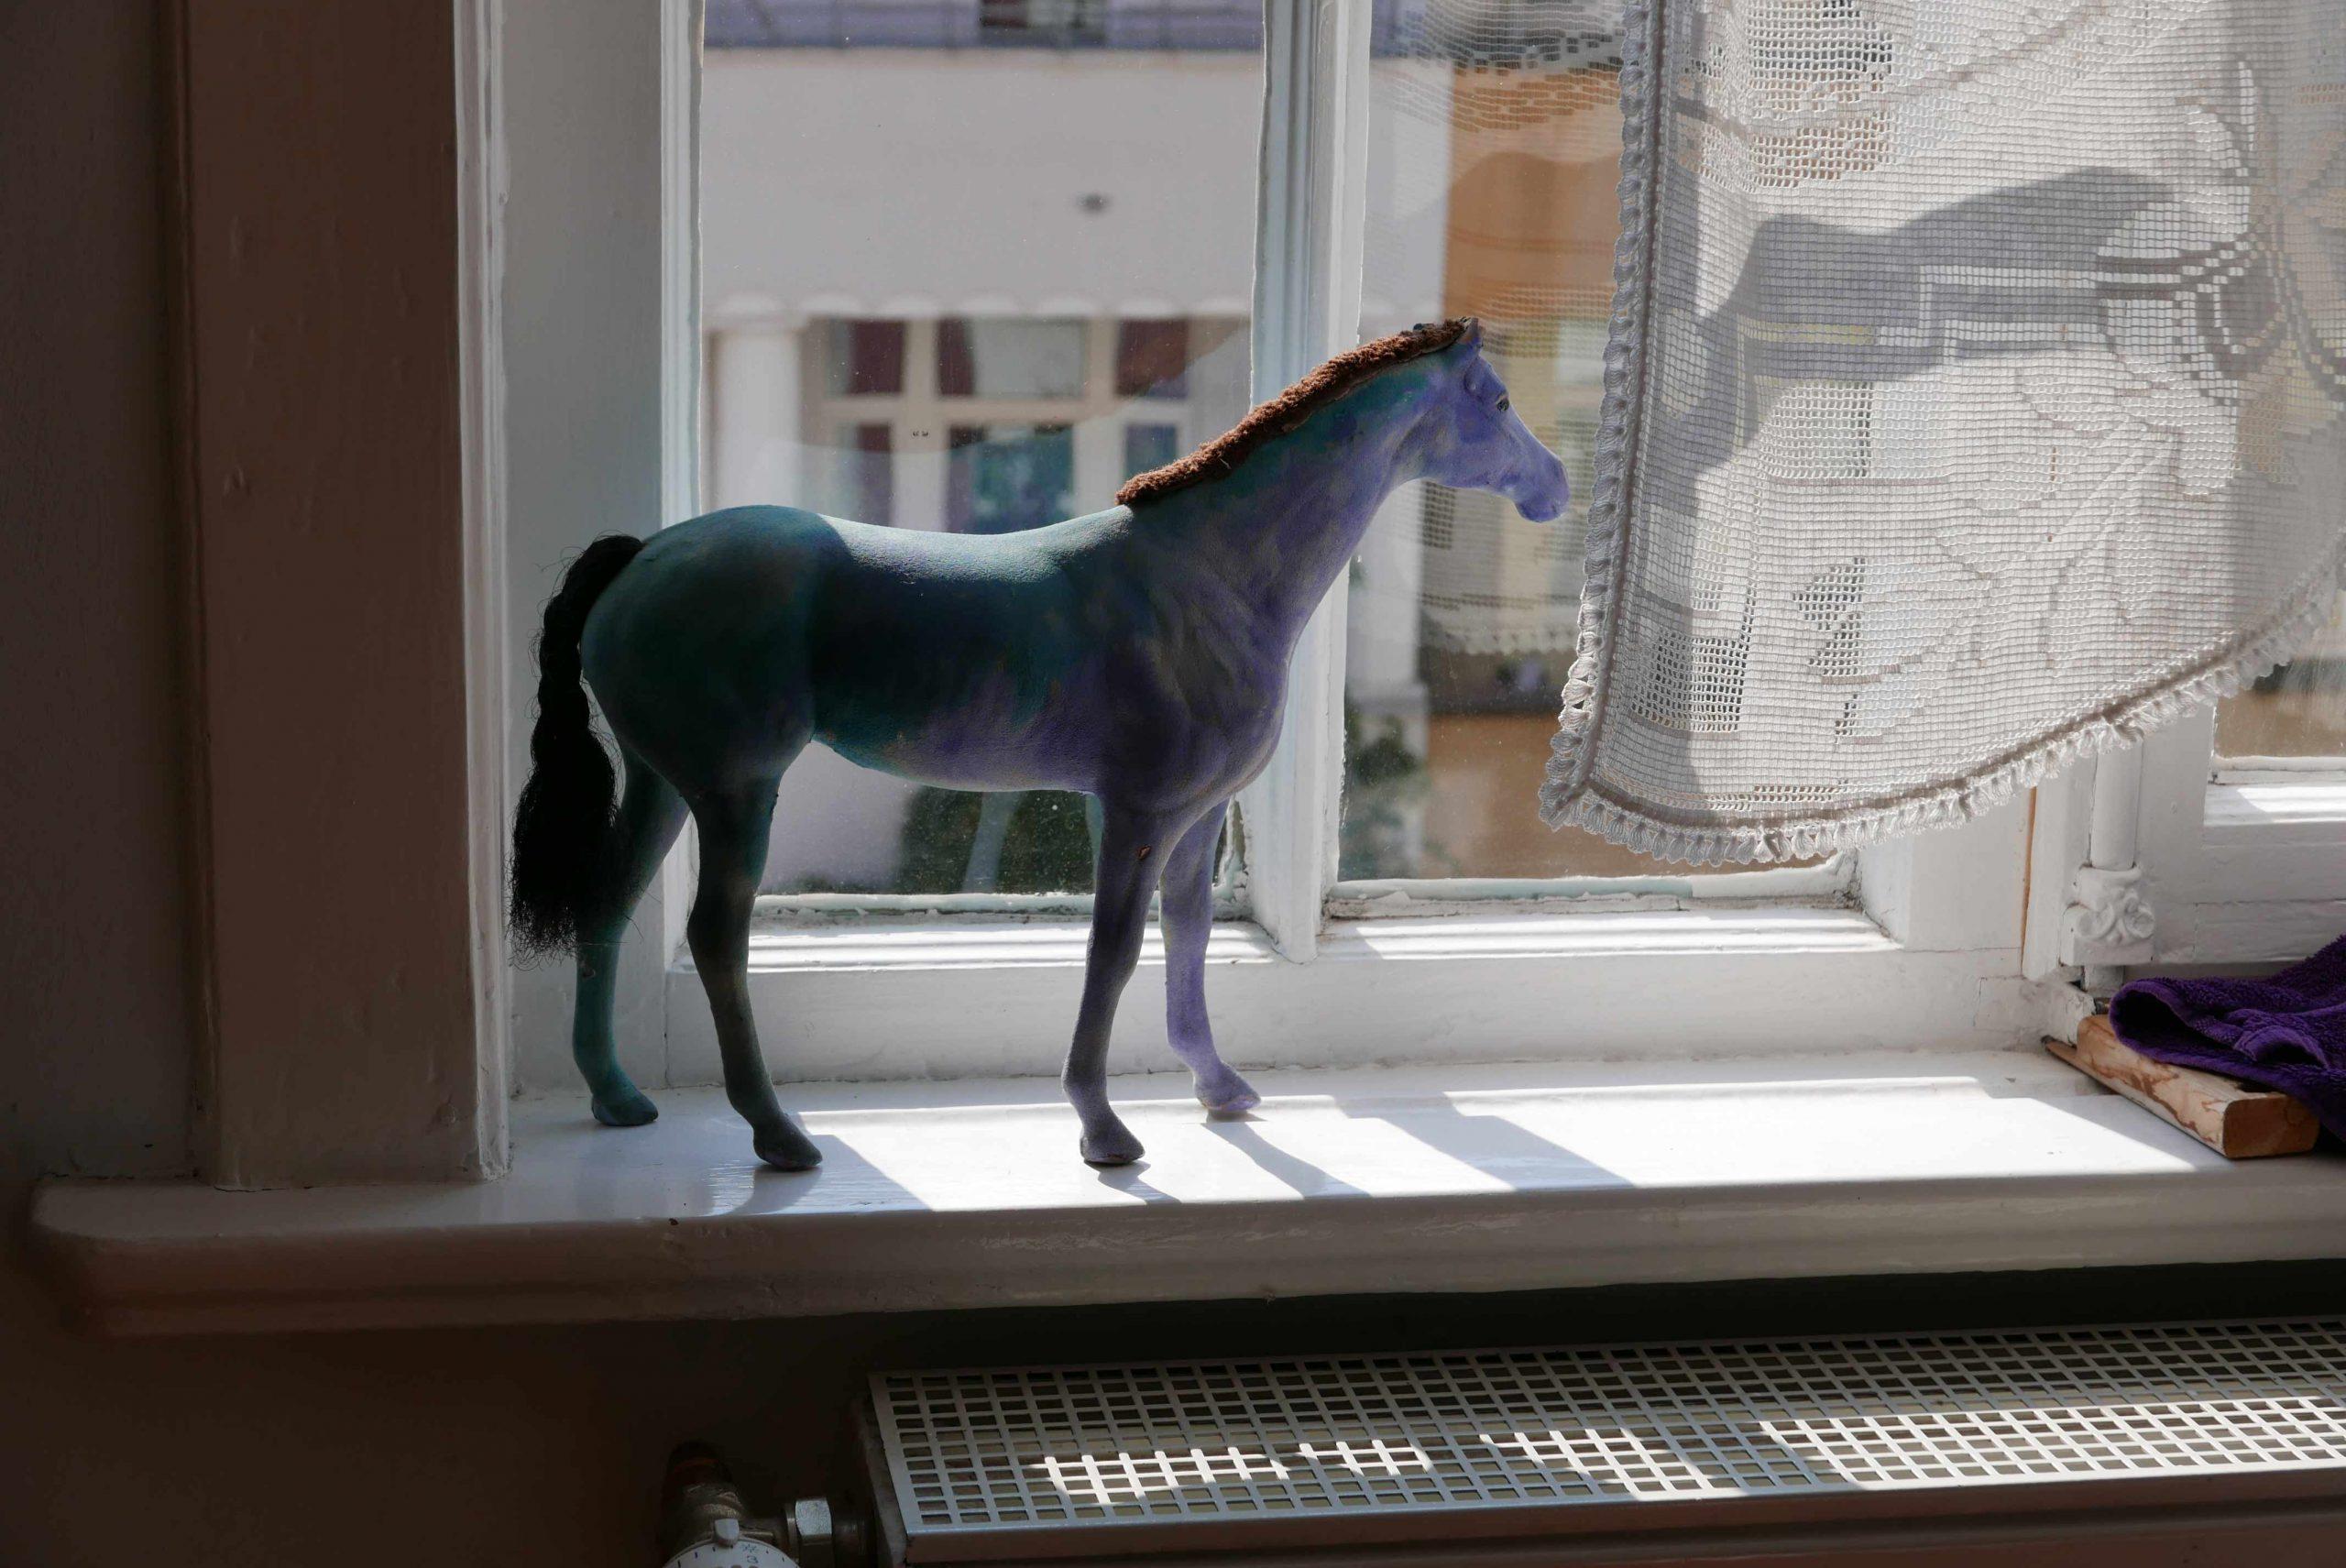 Pferd aus dem Schlafzimmerfenster blau